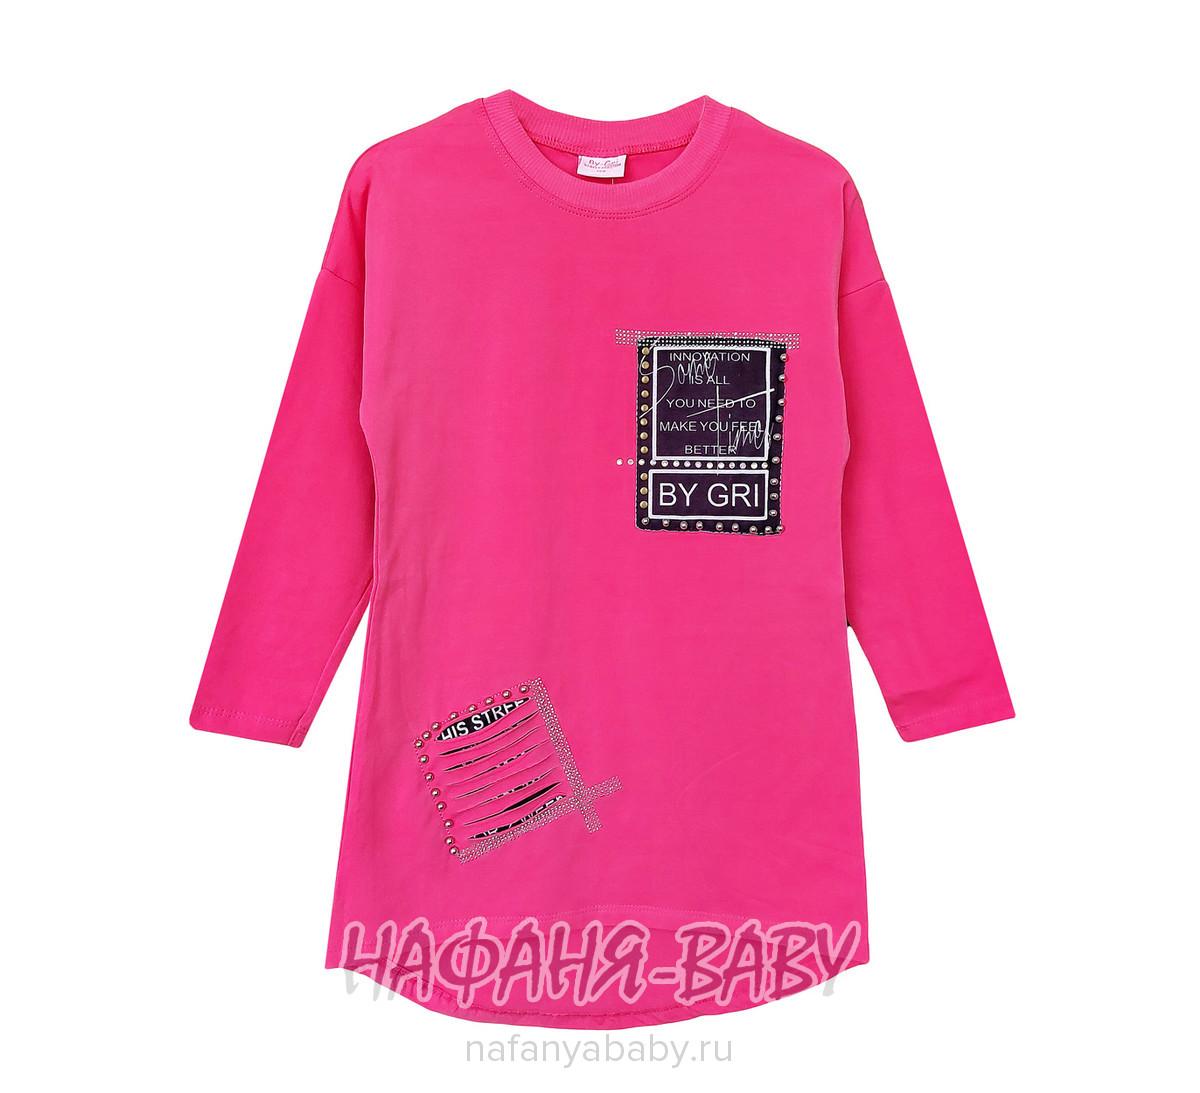 Детская трикотажная туника BY GRI арт: 13650, 10-15 лет, 5-9 лет, цвет розовый, оптом Турция